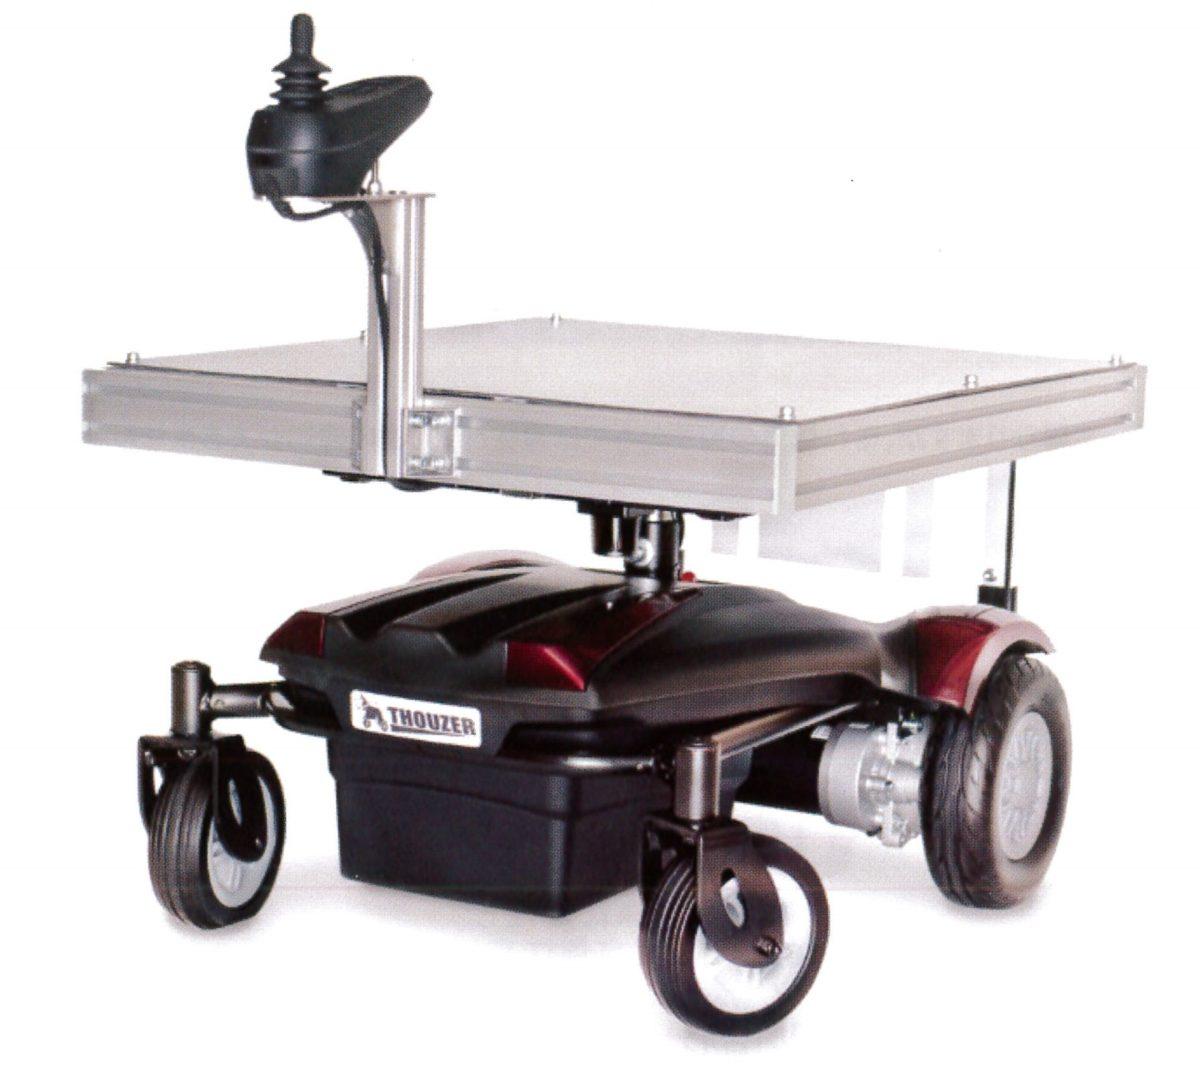 【日本ユニシス】追従運搬ロボット「THOUZER(サウザー)」販売の画像